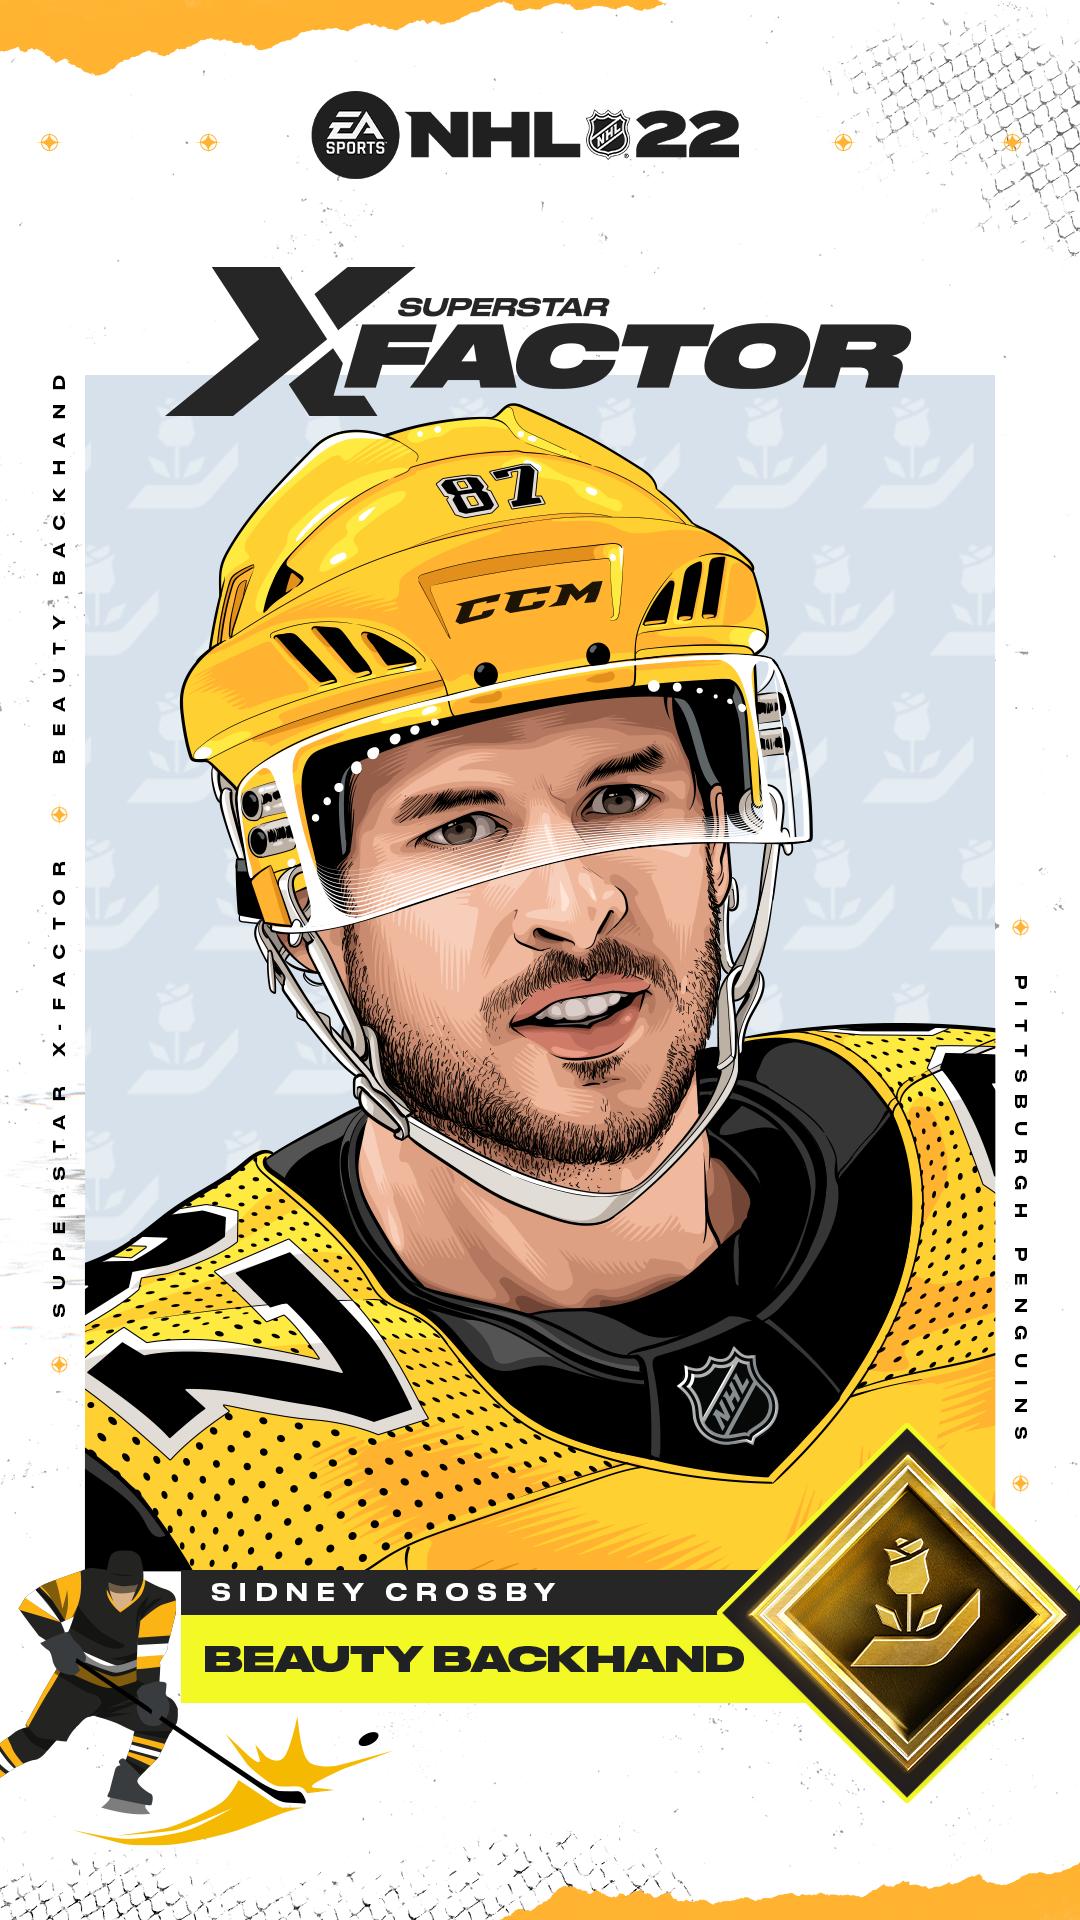 NHL22_XFactor_SidneyCrosby_9x16